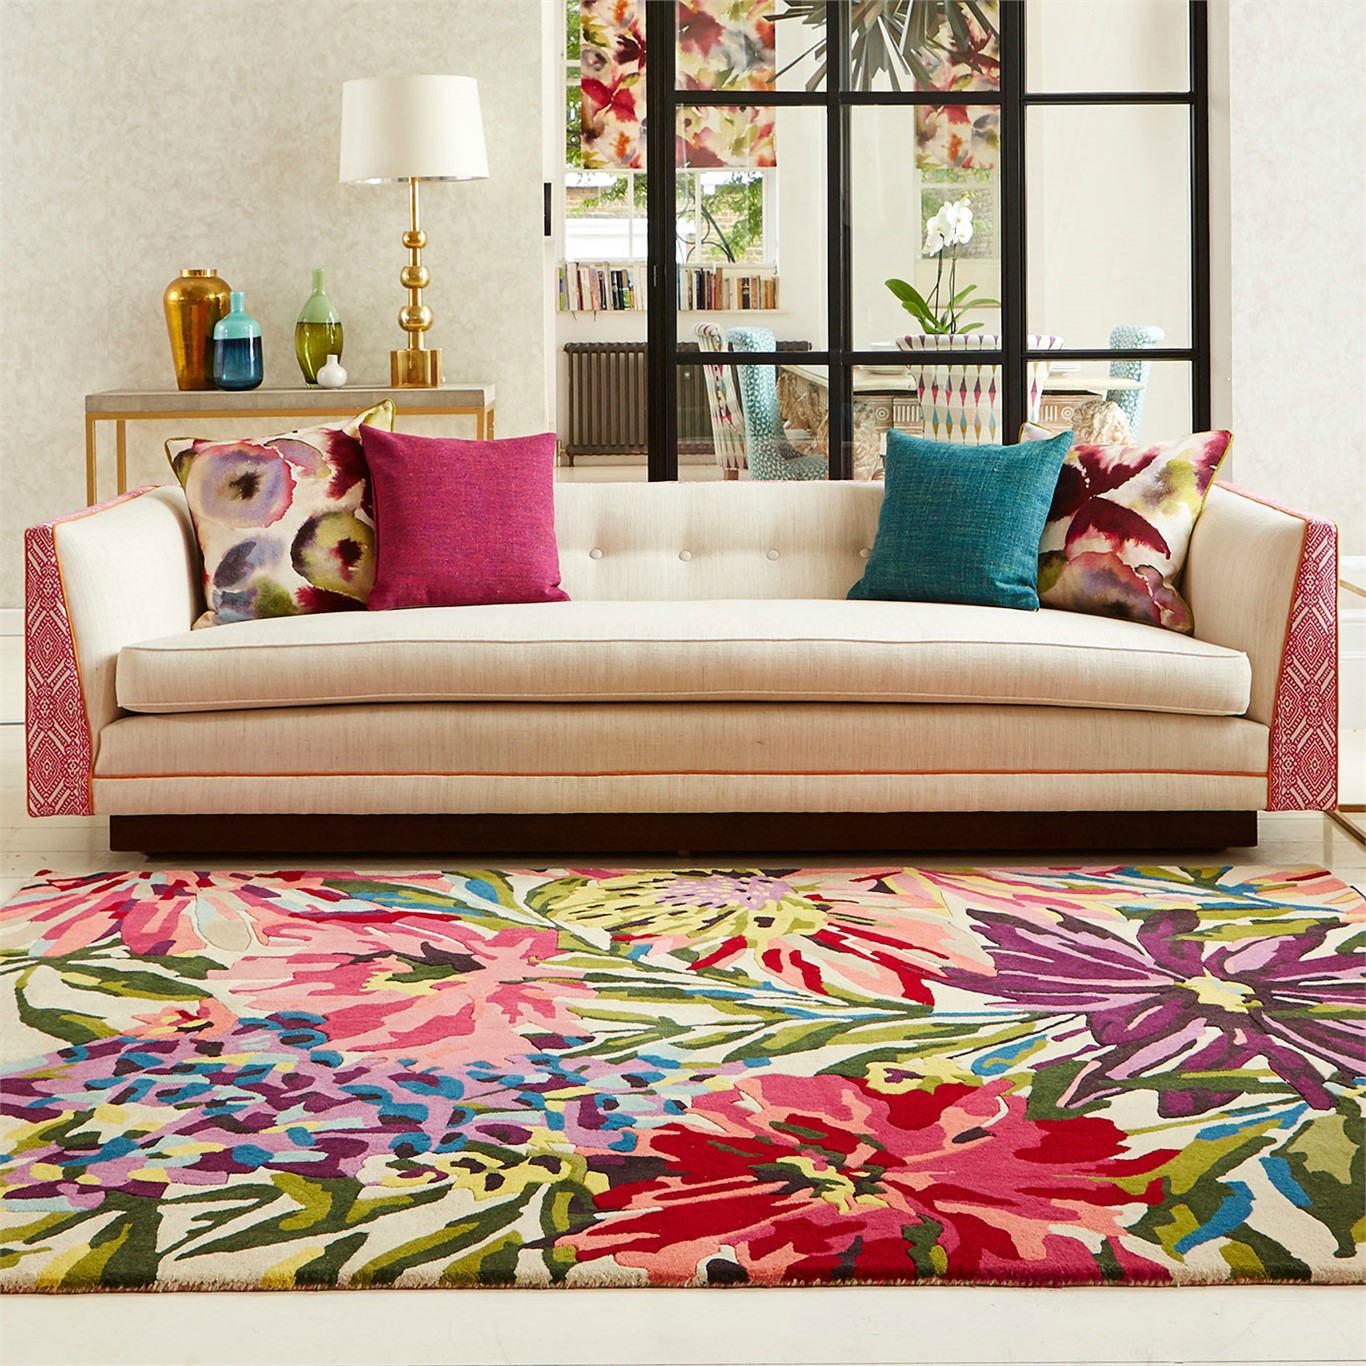 Alfombra Floral Fucsia • AO tienda online alfombras